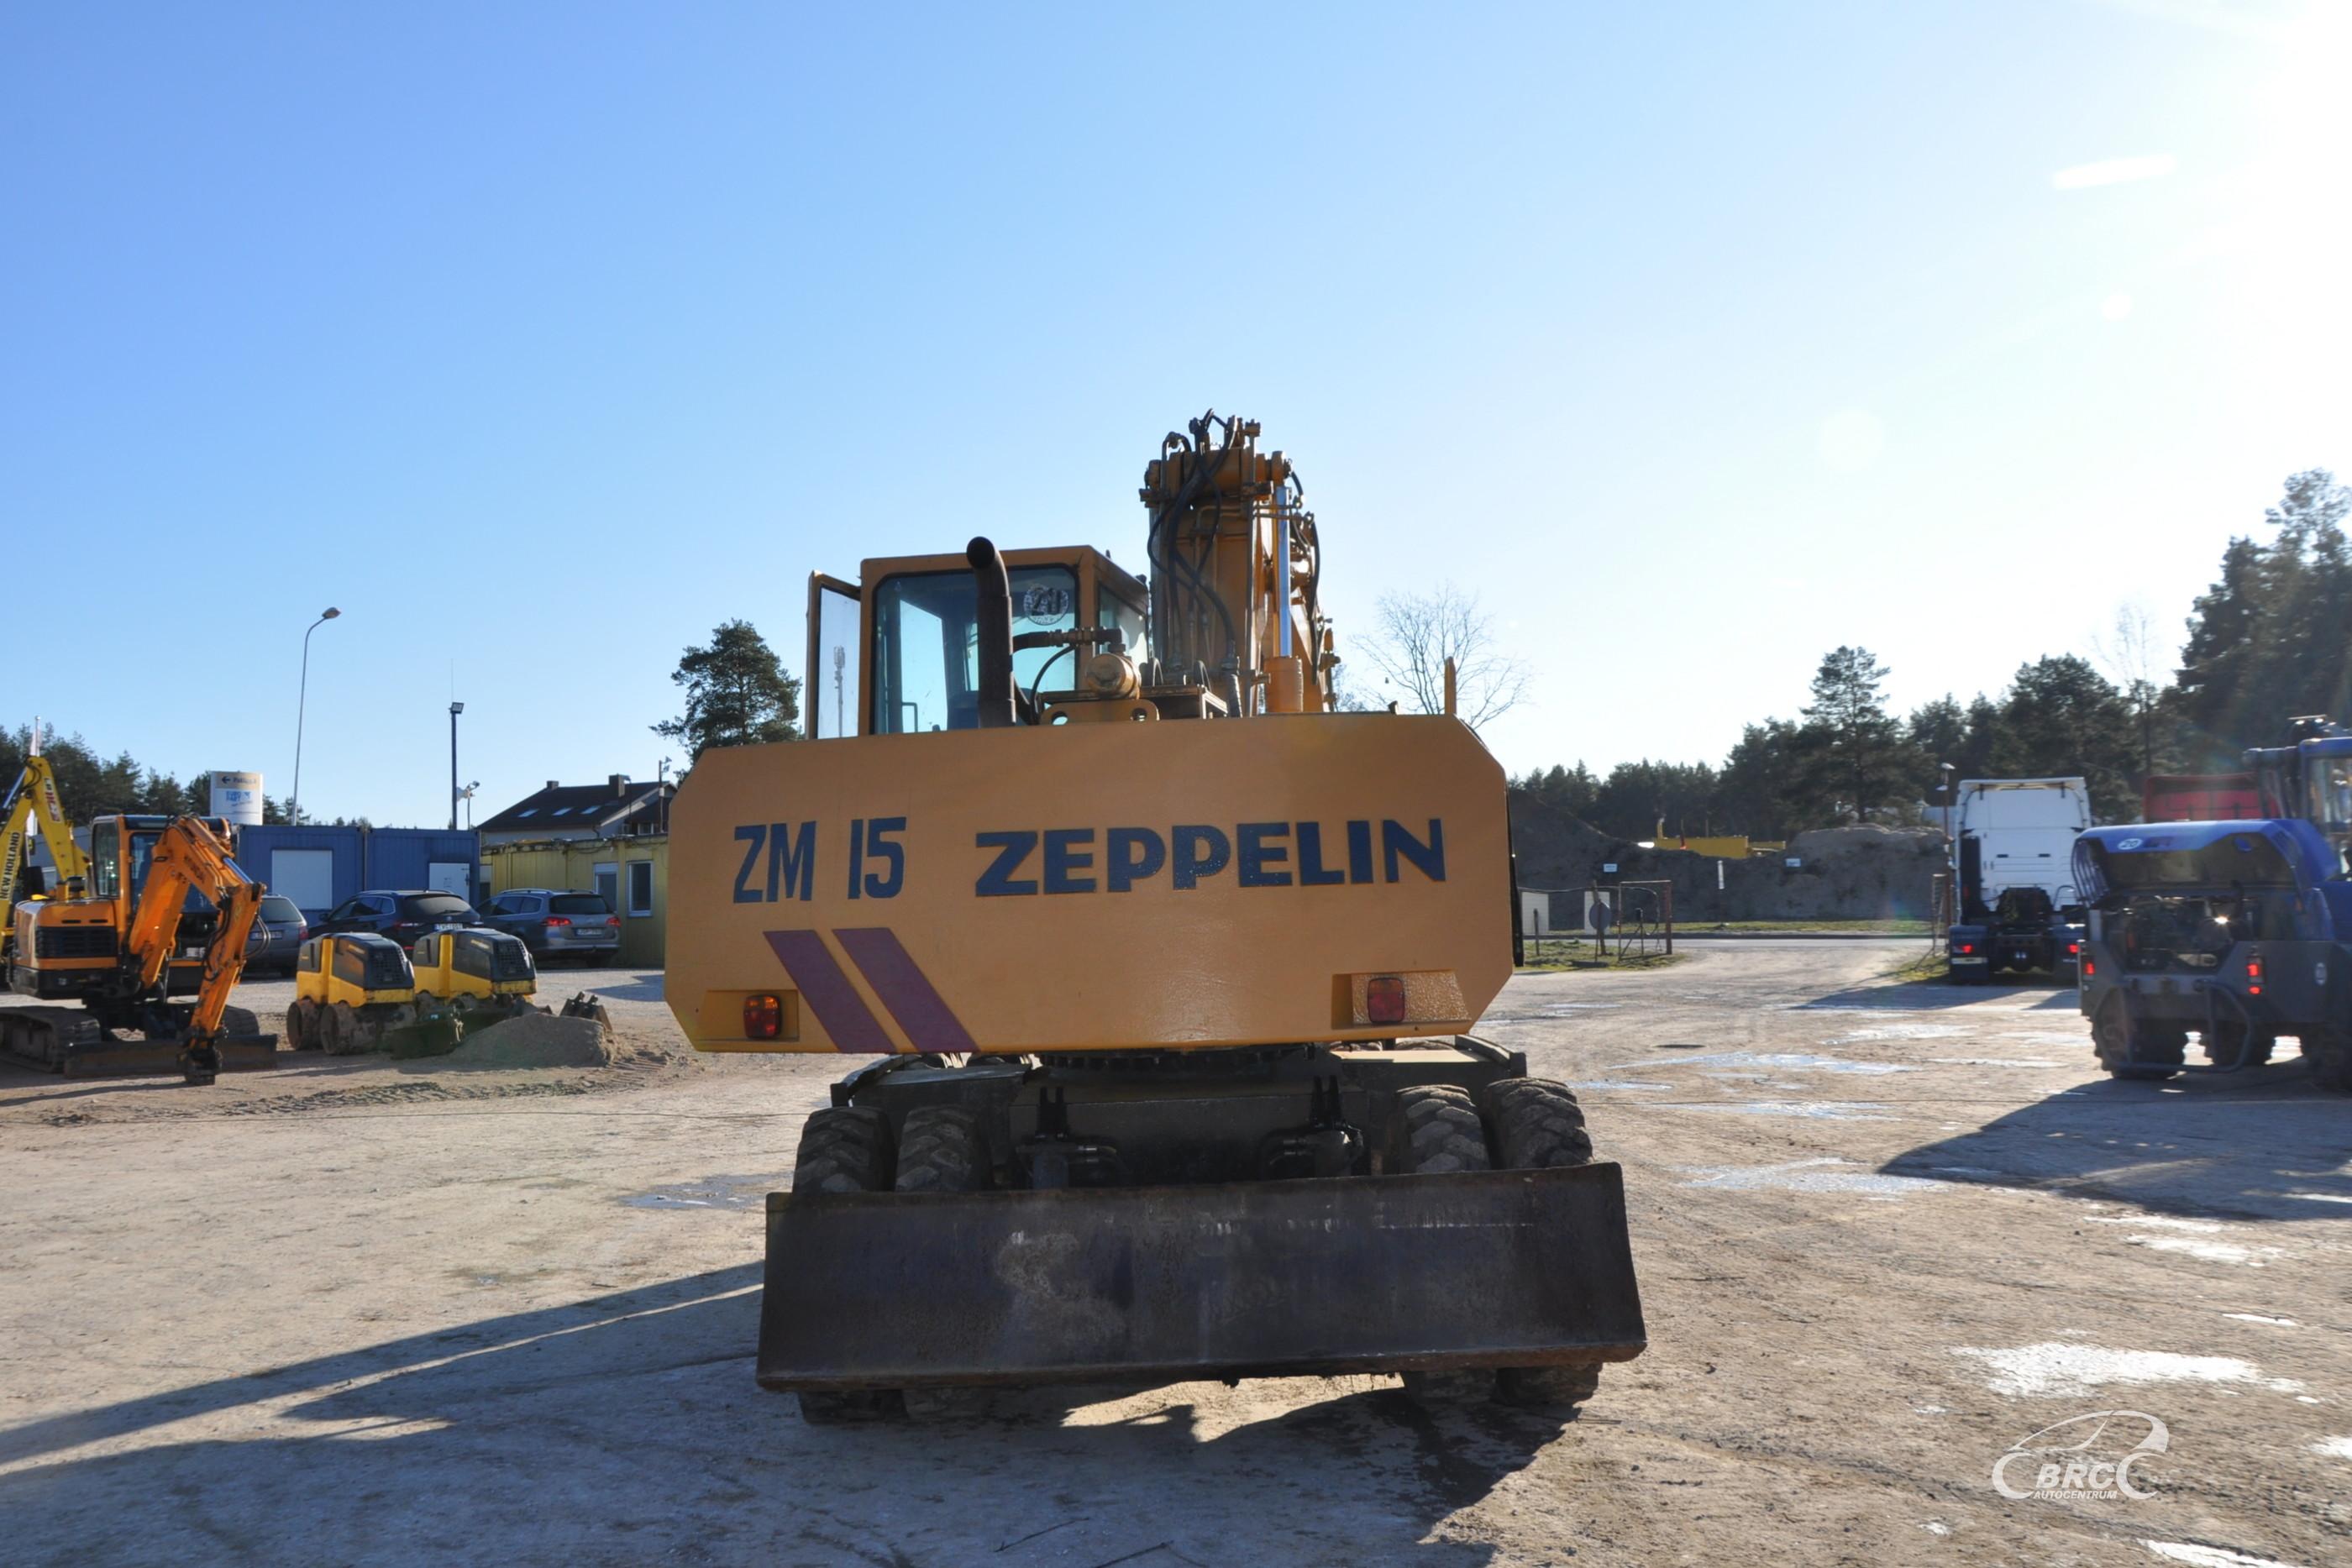 Zeppelin ZM15